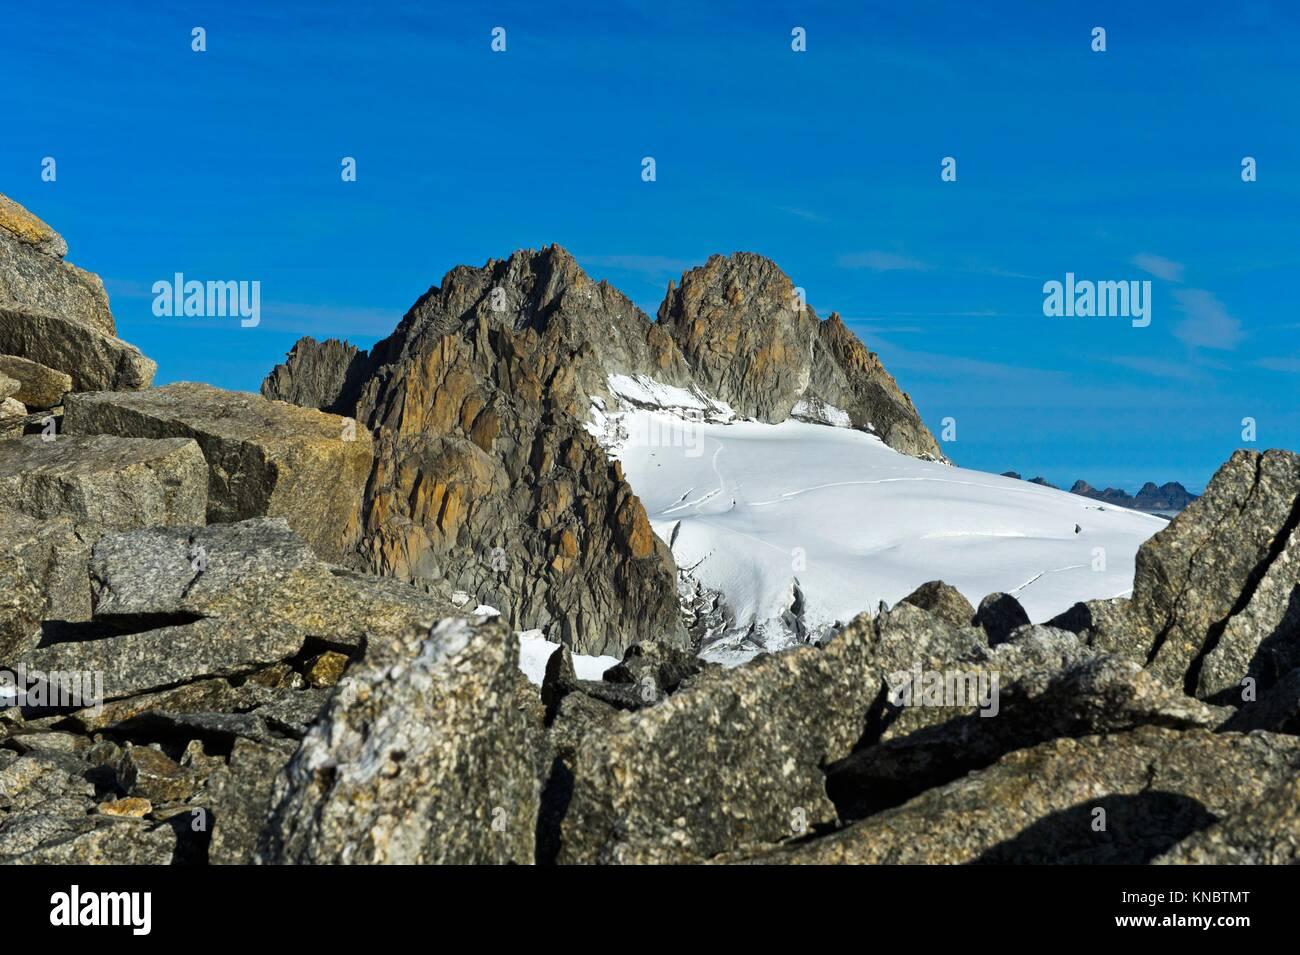 Peak Aiguille du Tour rising above the glacier Plateau du Trient, Valais, Switzerland. - Stock Image